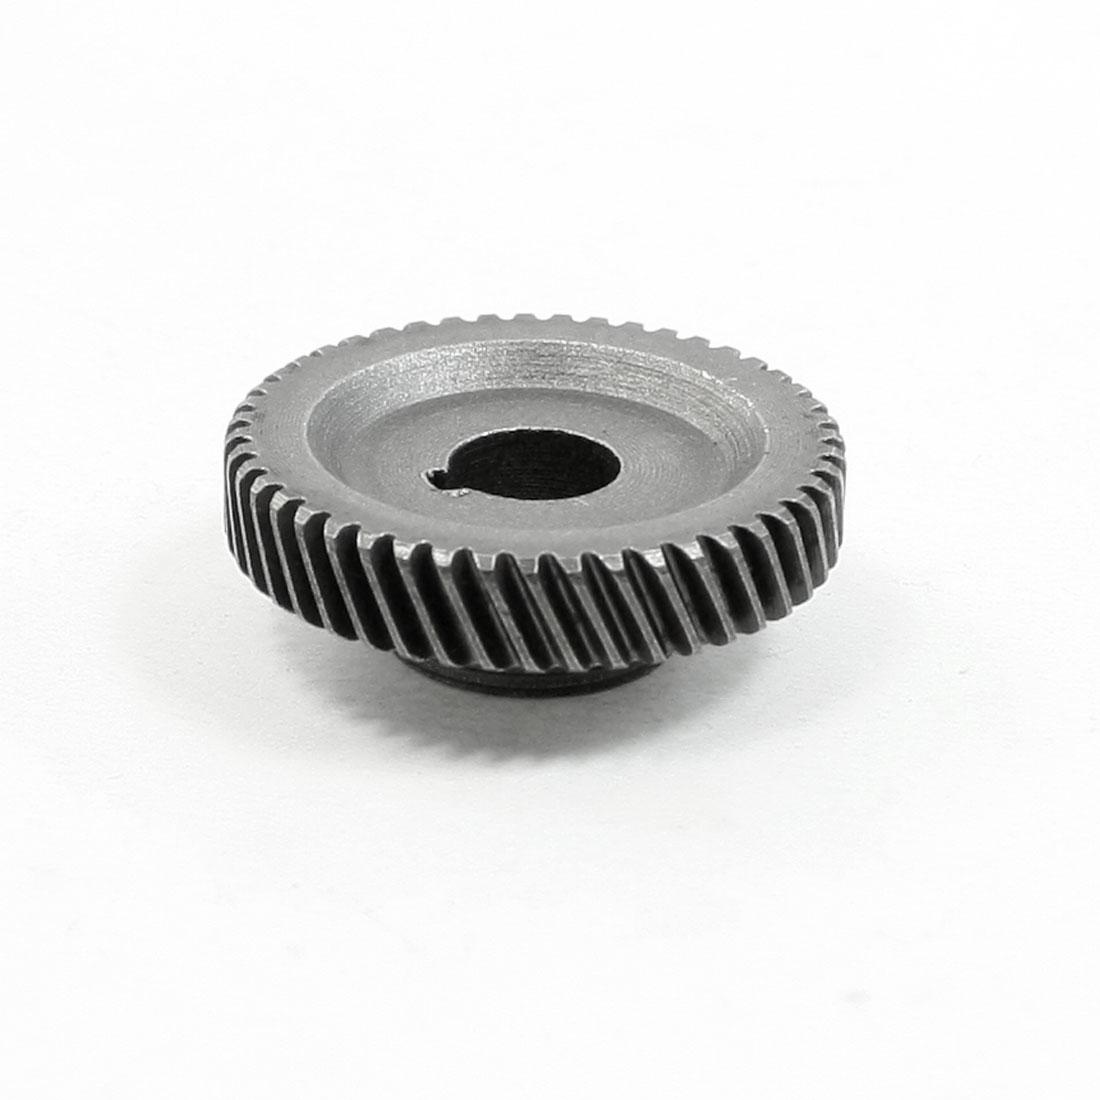 Electric Power Tool 47 Teeth Metal Spiral Bevel Gear